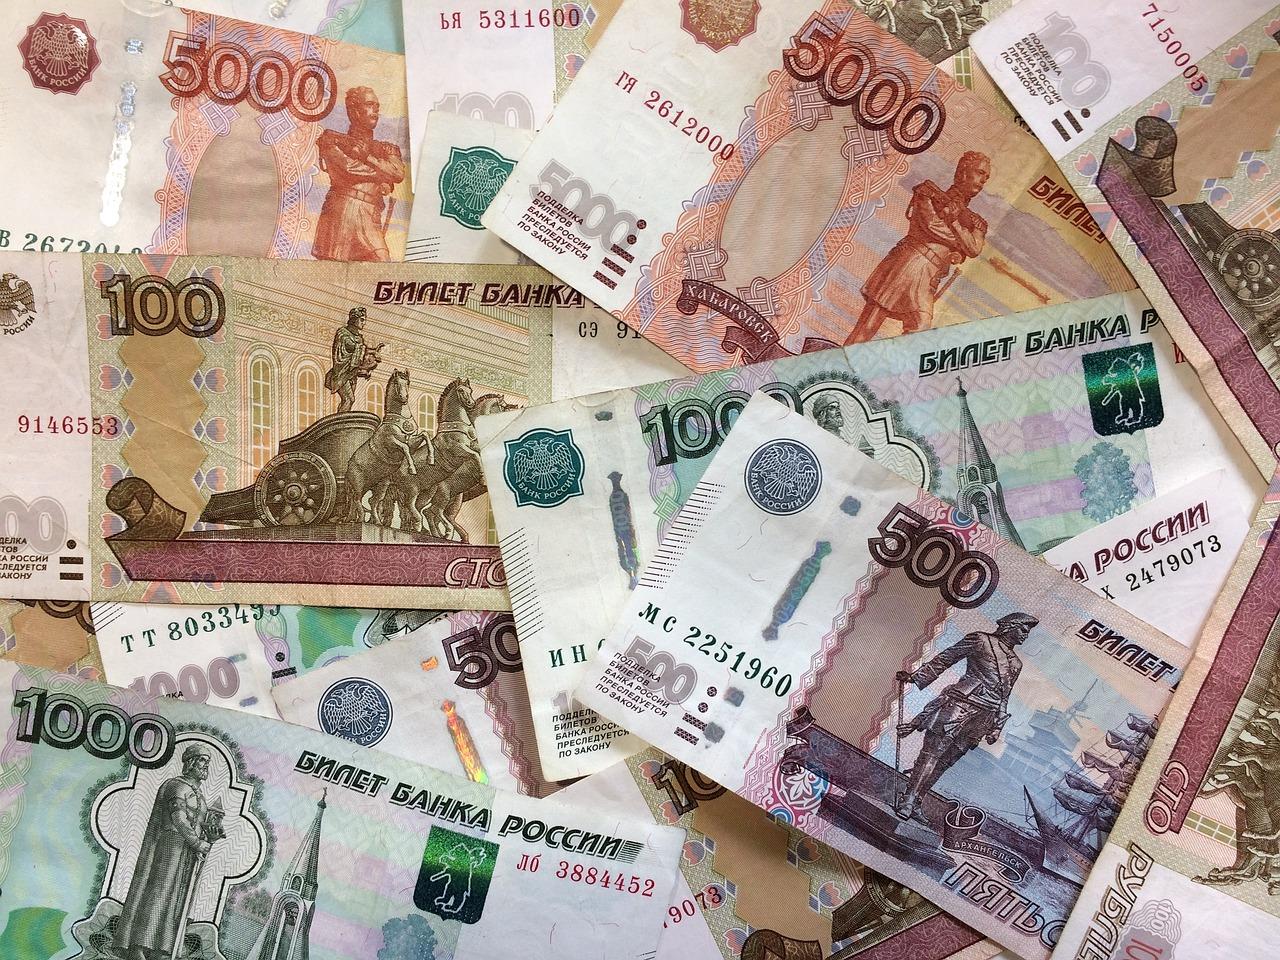 Rusia y Cuba buscan mecanismos ajenos al dólar para fortalecer intercambio comercial